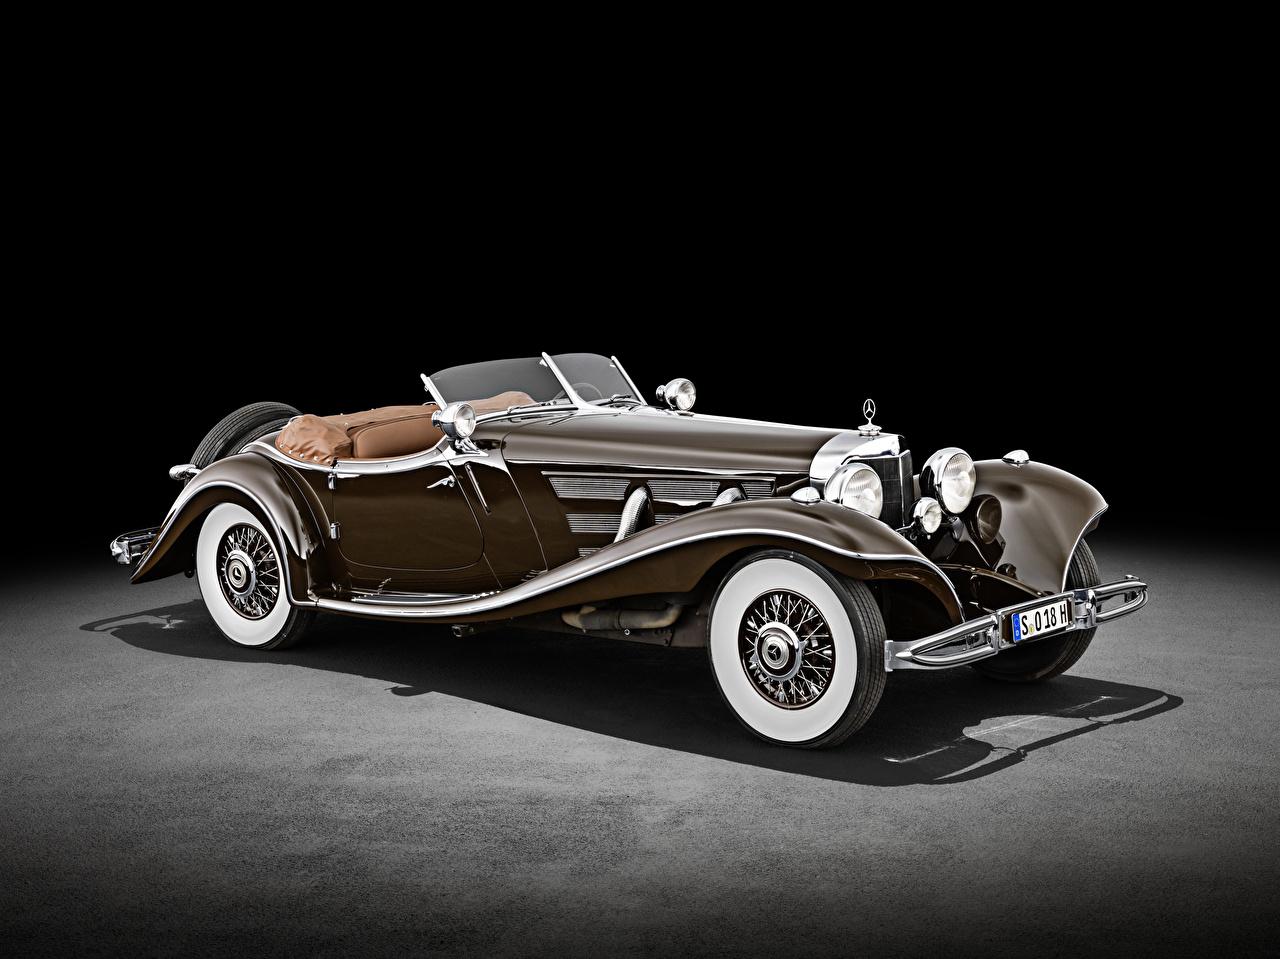 Bilder Mercedes-Benz 500 K Special Roadster (W 29), 1934 Braun Retro automobil antik braune braunes auto Autos